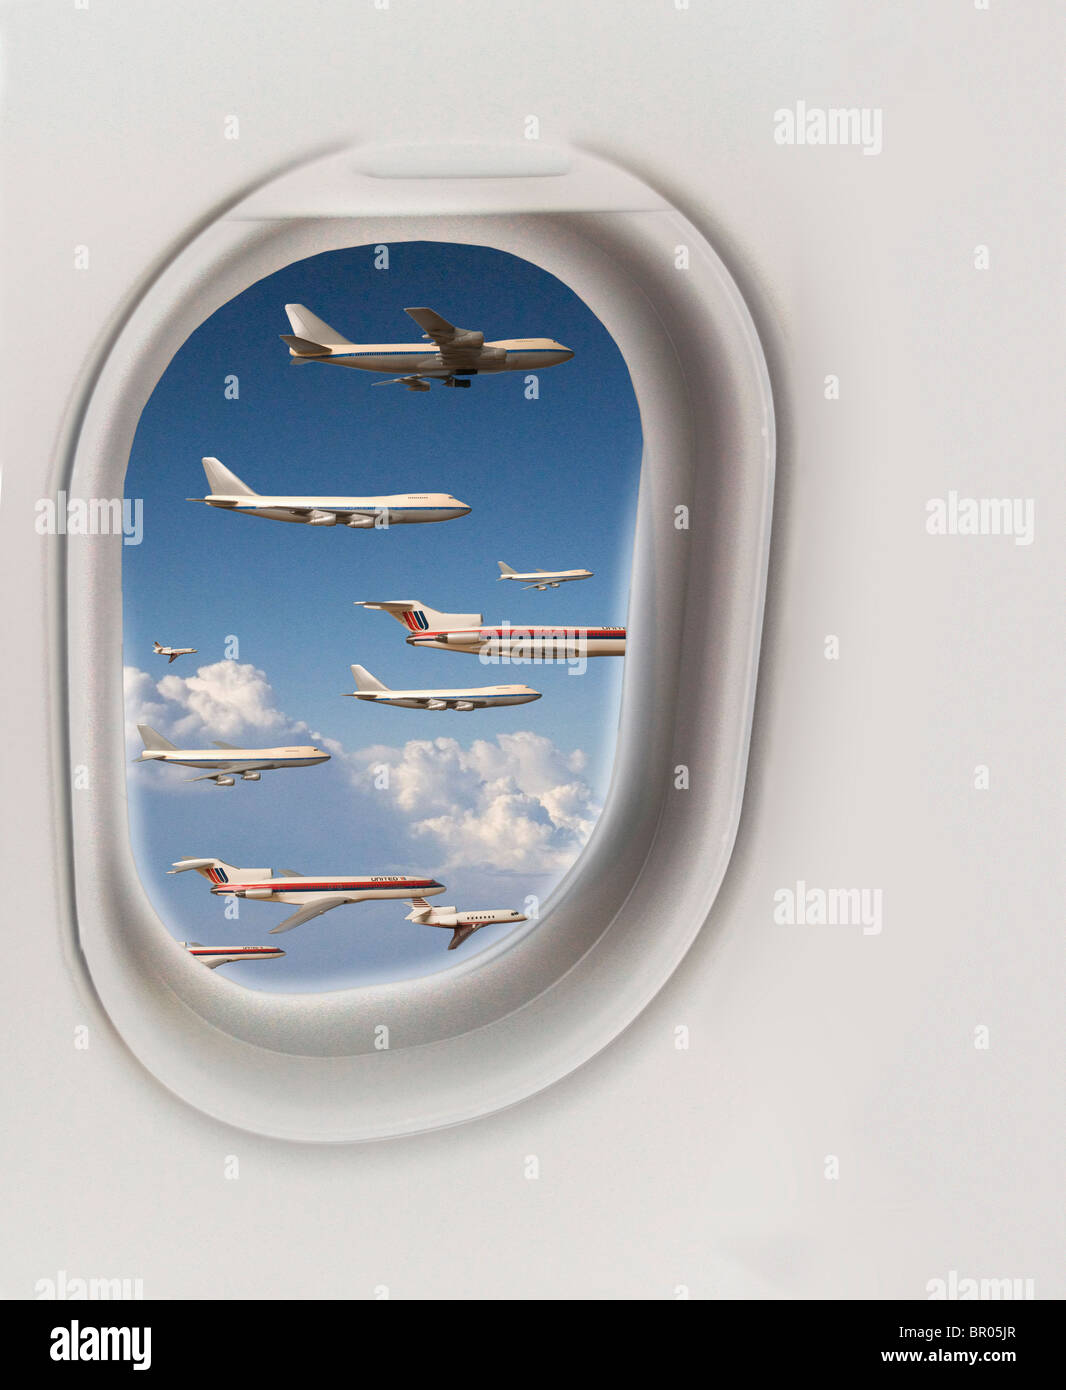 De nombreux avions vue à l'extérieur de la fenêtre de cabine Photo Stock